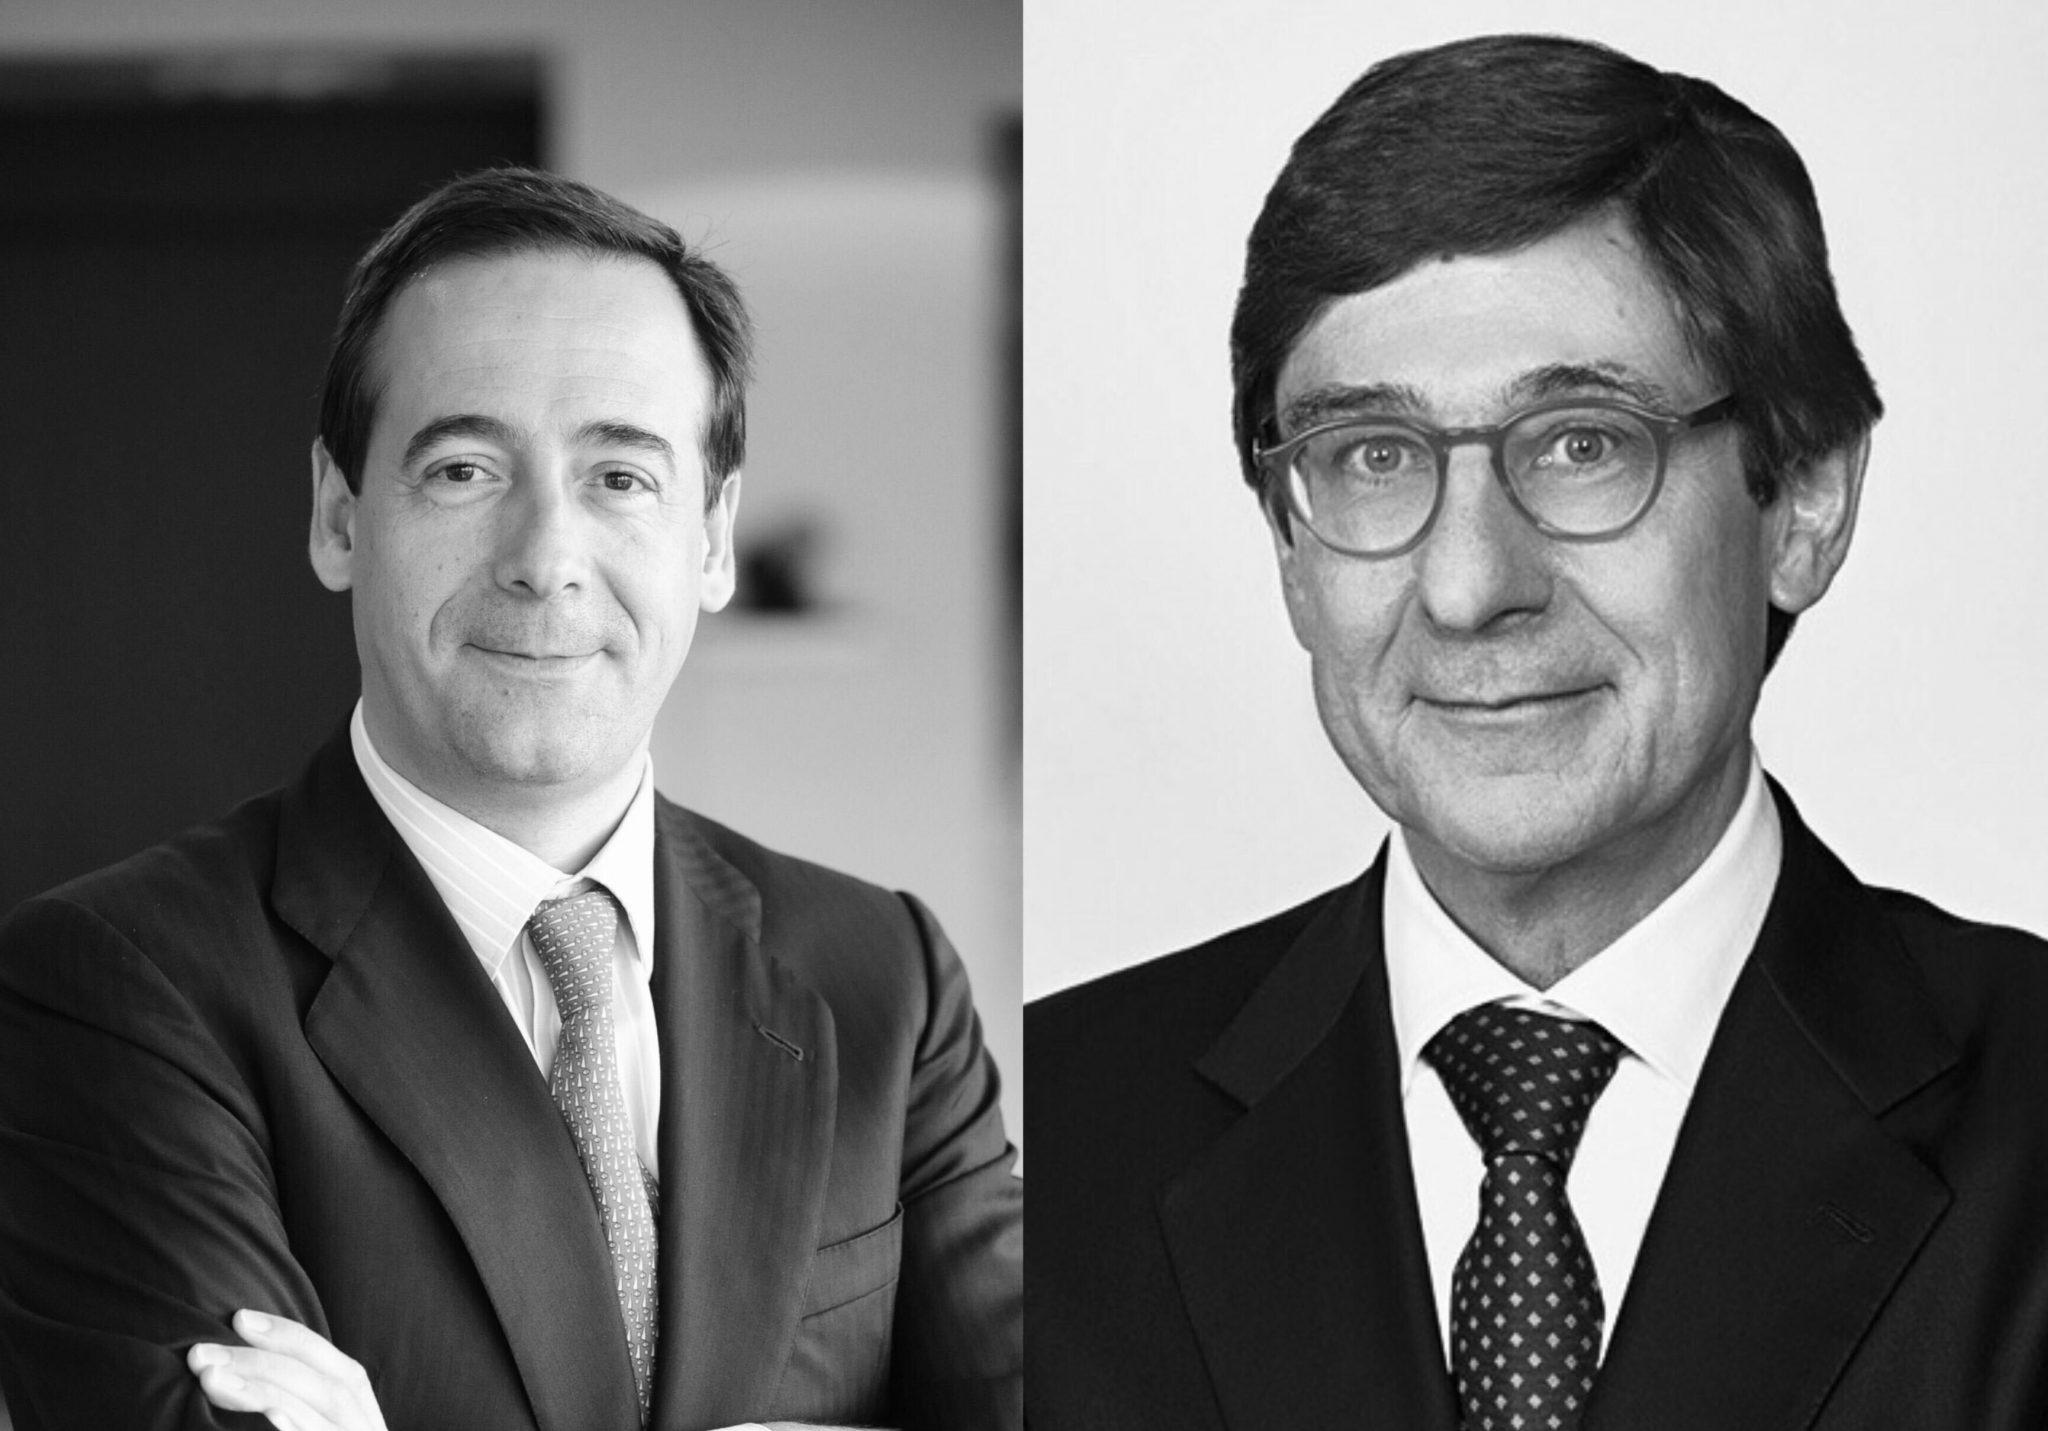 Quién es quién en la fusión Bankia y Caixabank